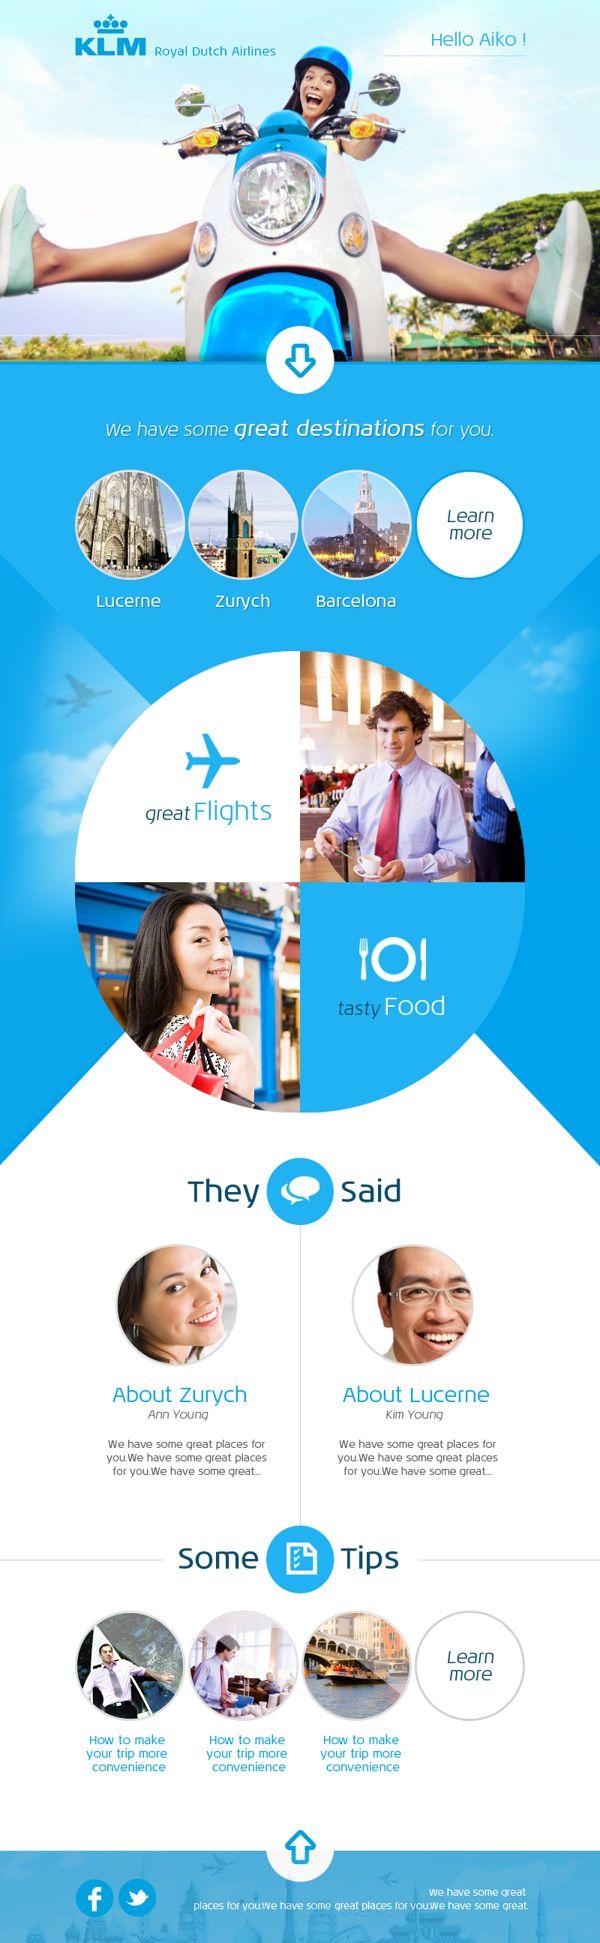 KLM - Newsletter by Piotr Świerkowski, via Behance web design